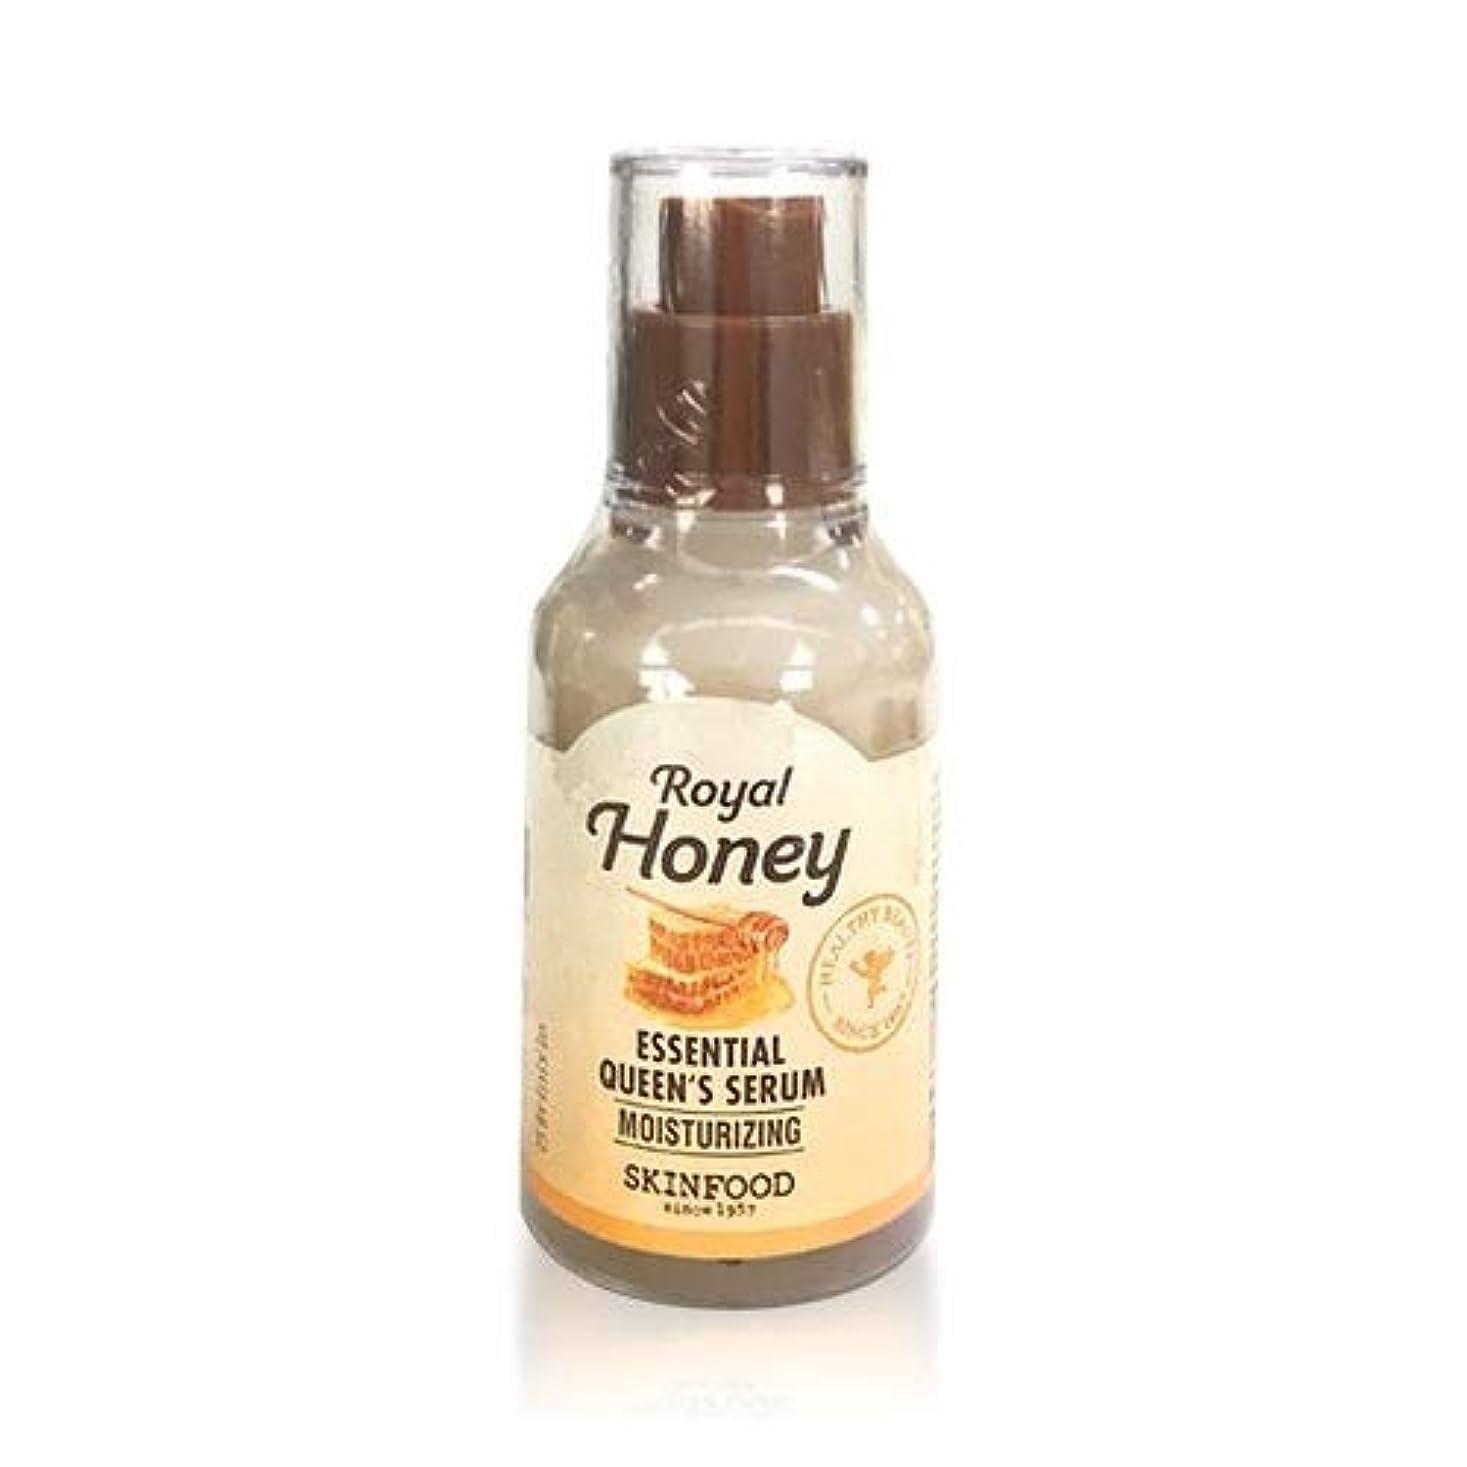 リッチ手首鬼ごっこ[リニューアル] スキンフード ロイヤルハニーエッセンシャル クィーンズセラム 美容液 50ml / SKINFOOD Royal Honey Essential Queen's Serum 50ml [並行輸入品]